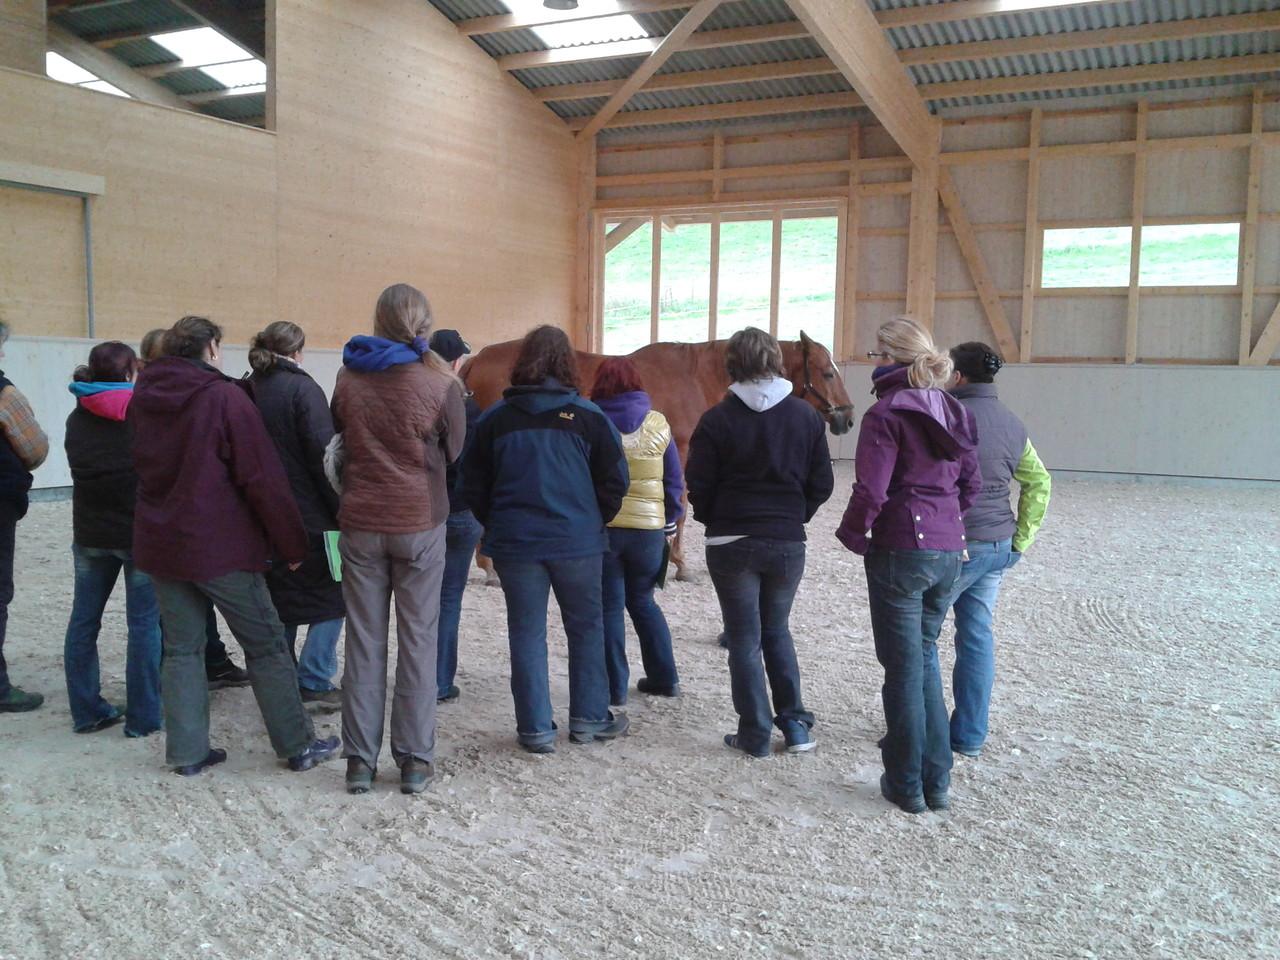 Nach einer kurzen Mittagspause mit feiner Pasta, ging es in die Reithalle zur osteopathischen Pferdebeurteilung und Ganganalyse, die gelernte Theorie vom Morgen konnte nun direkt an den Pferden umgesetzt werden.